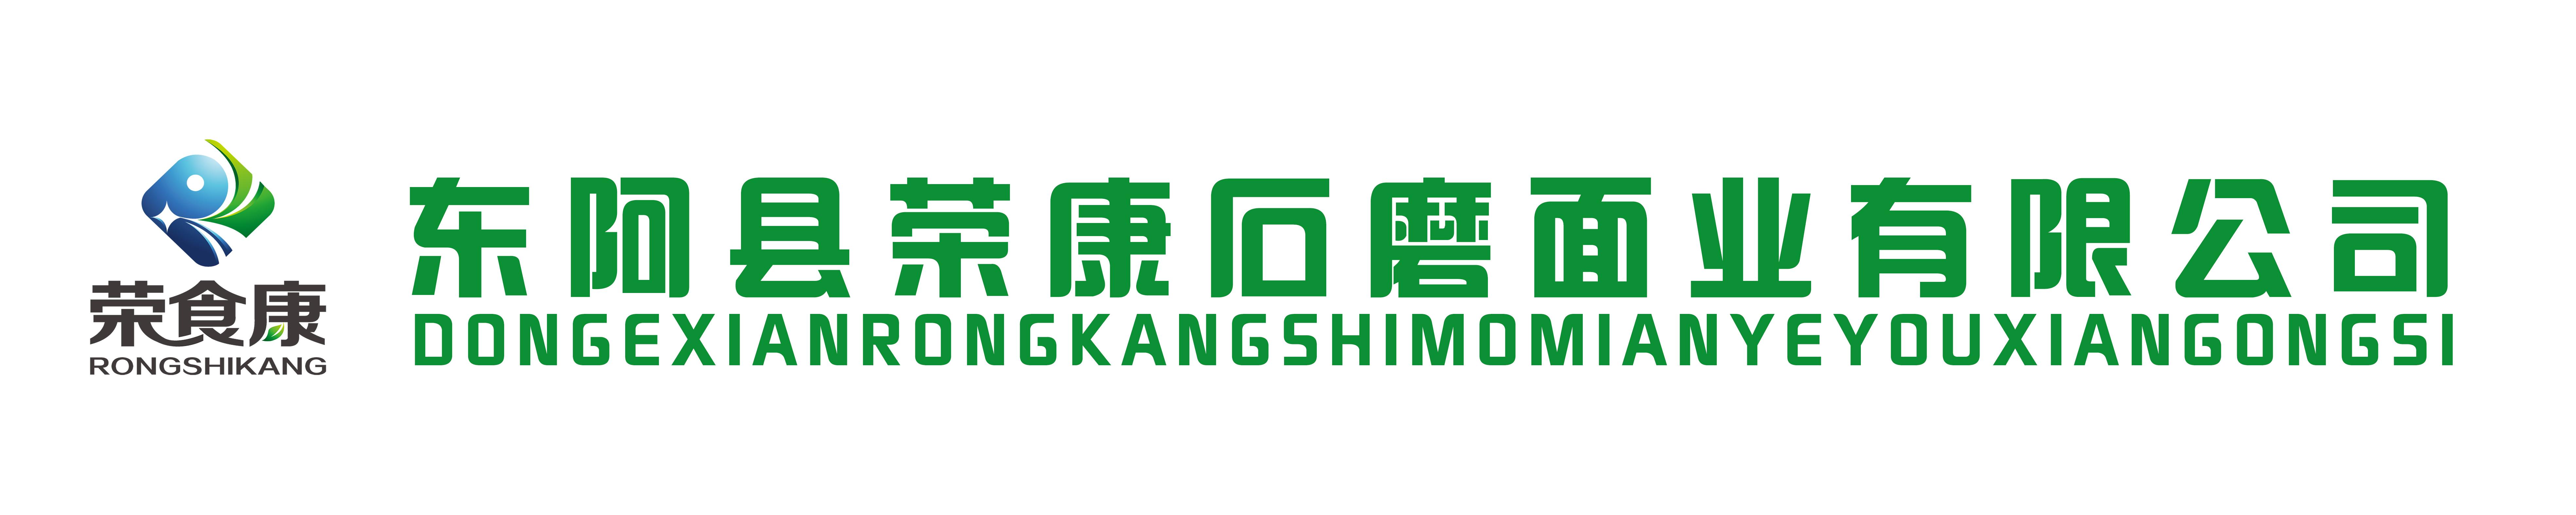 东阿县荣康石磨面业有限公司